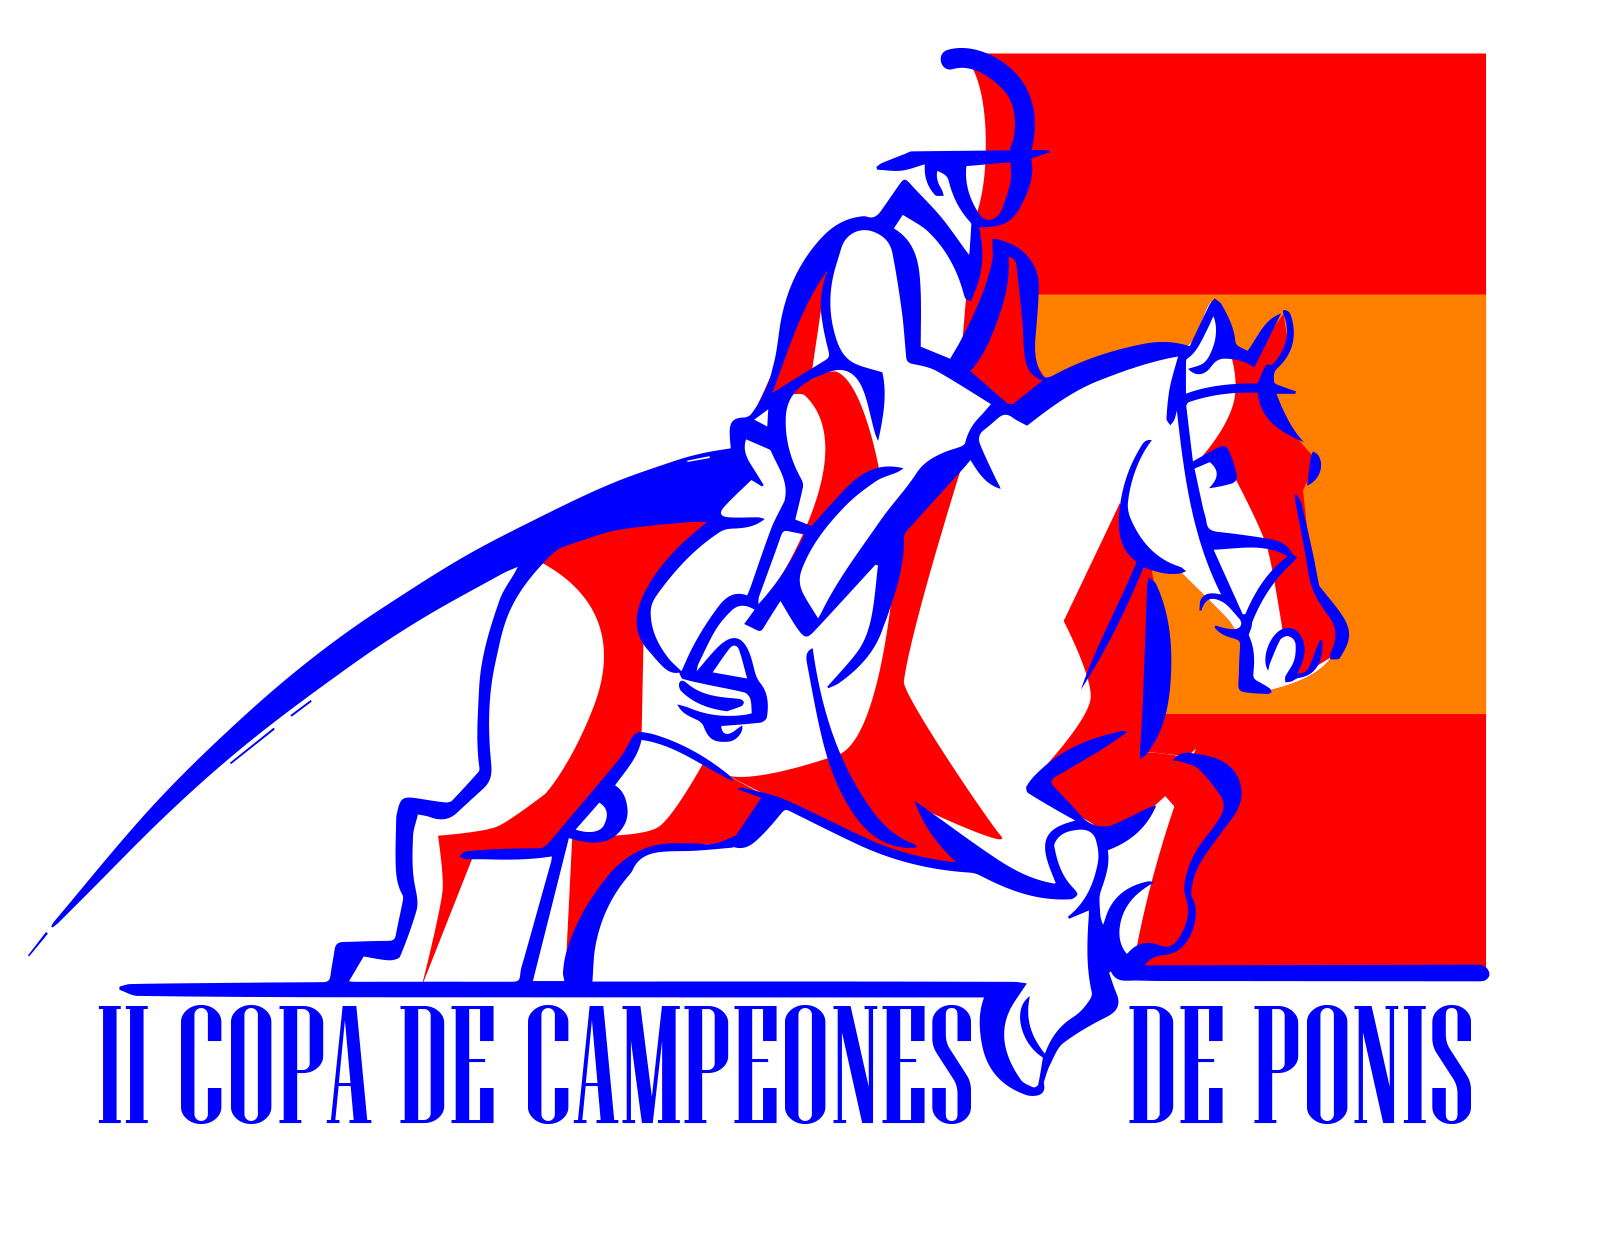 II Copa de Campeones de Ponis de Saltos 2021